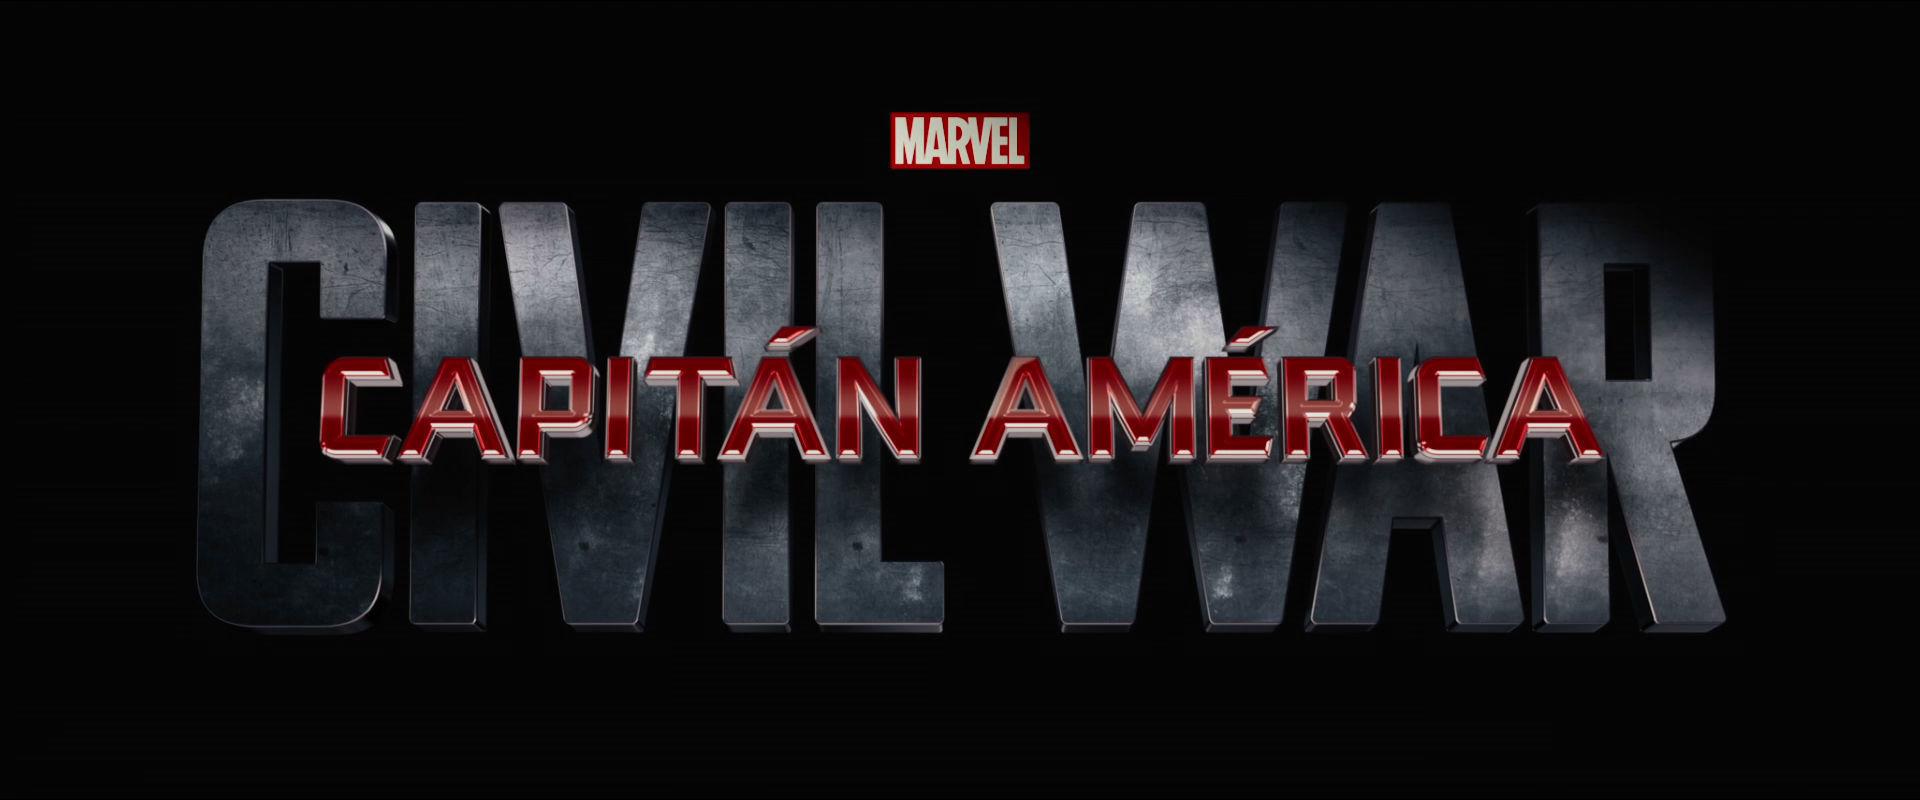 Capitán América: Civil War - Teaser Tráiler